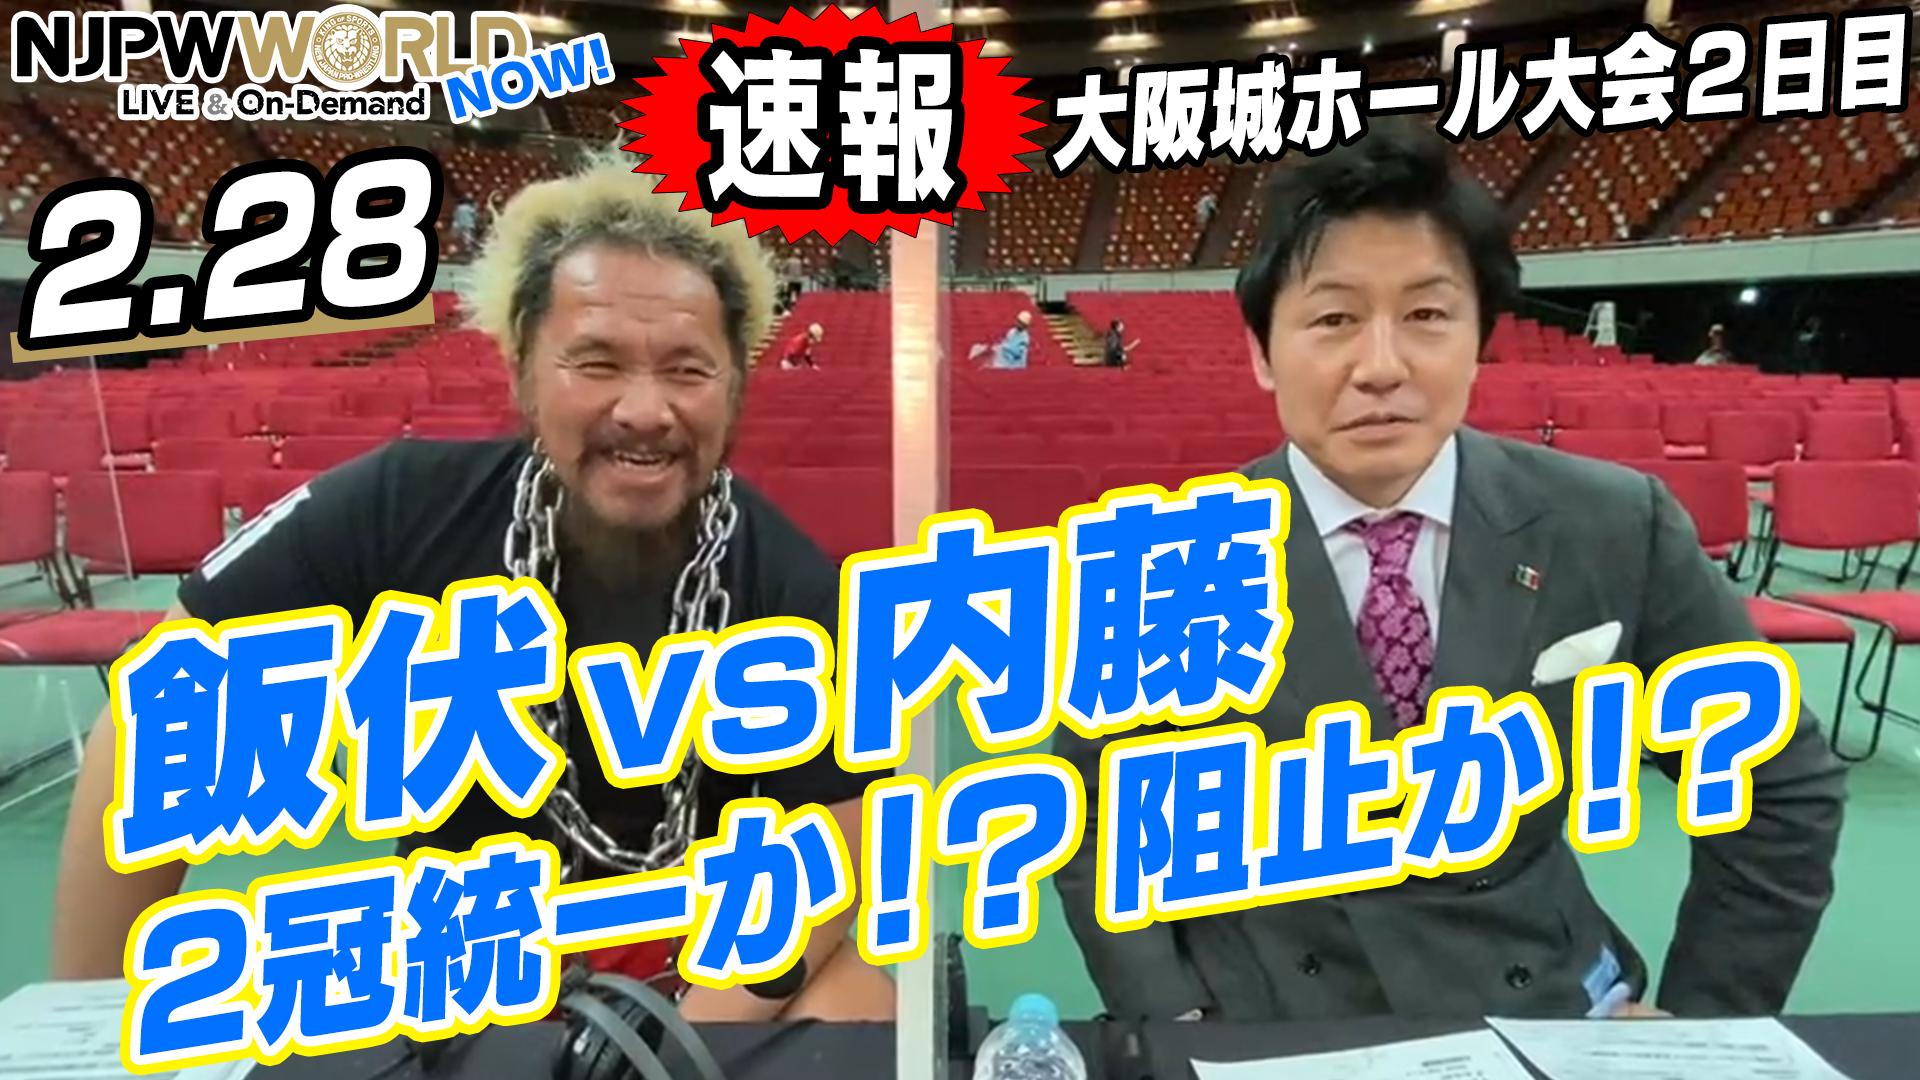 大阪城ホール2日目❗️大注目のIWGP IC戦の行方は⁉️ NJPWWORLD NOW!